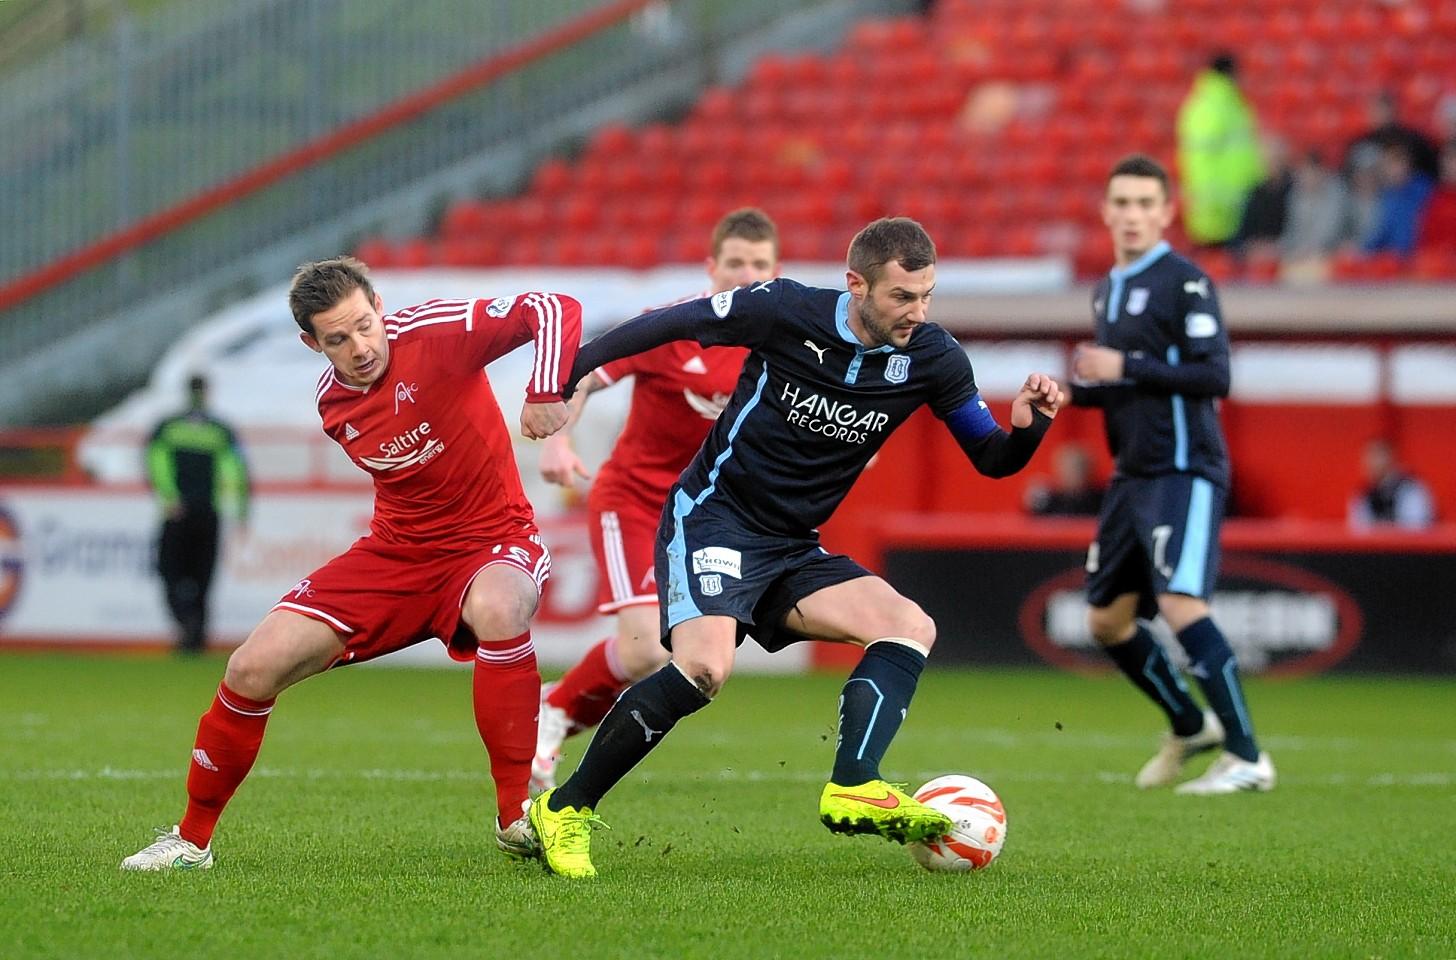 Kèo nhà cái Hibernian vs Aberdeen